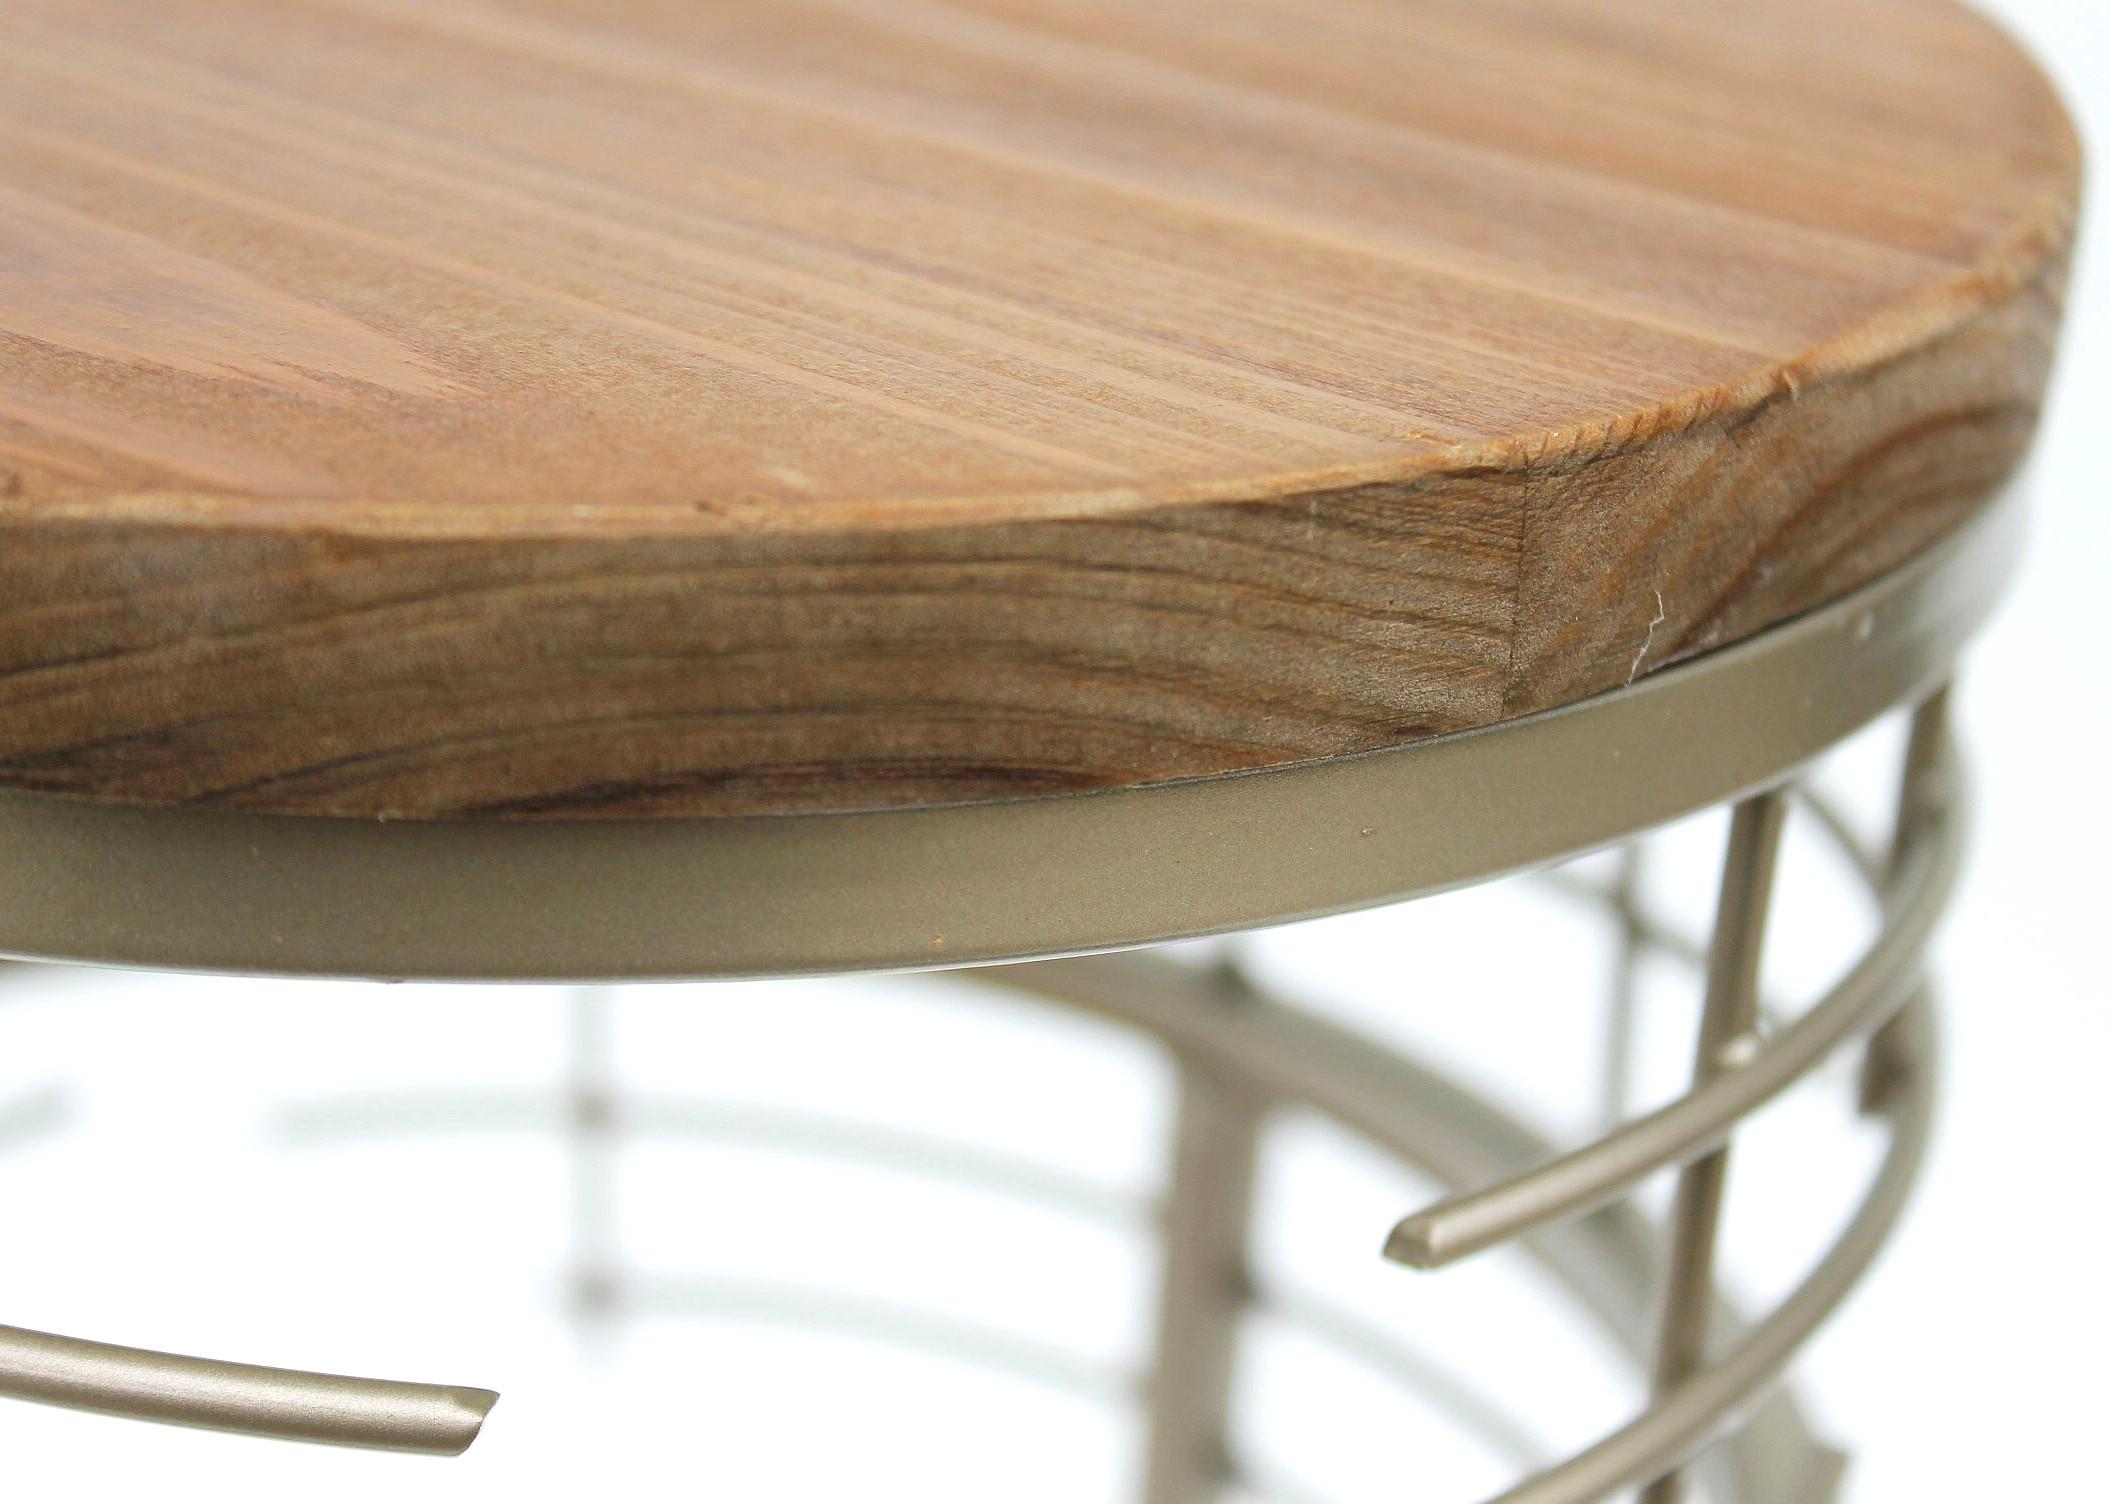 Sgabello porta fiori metallo set di tondo tavolino moderno